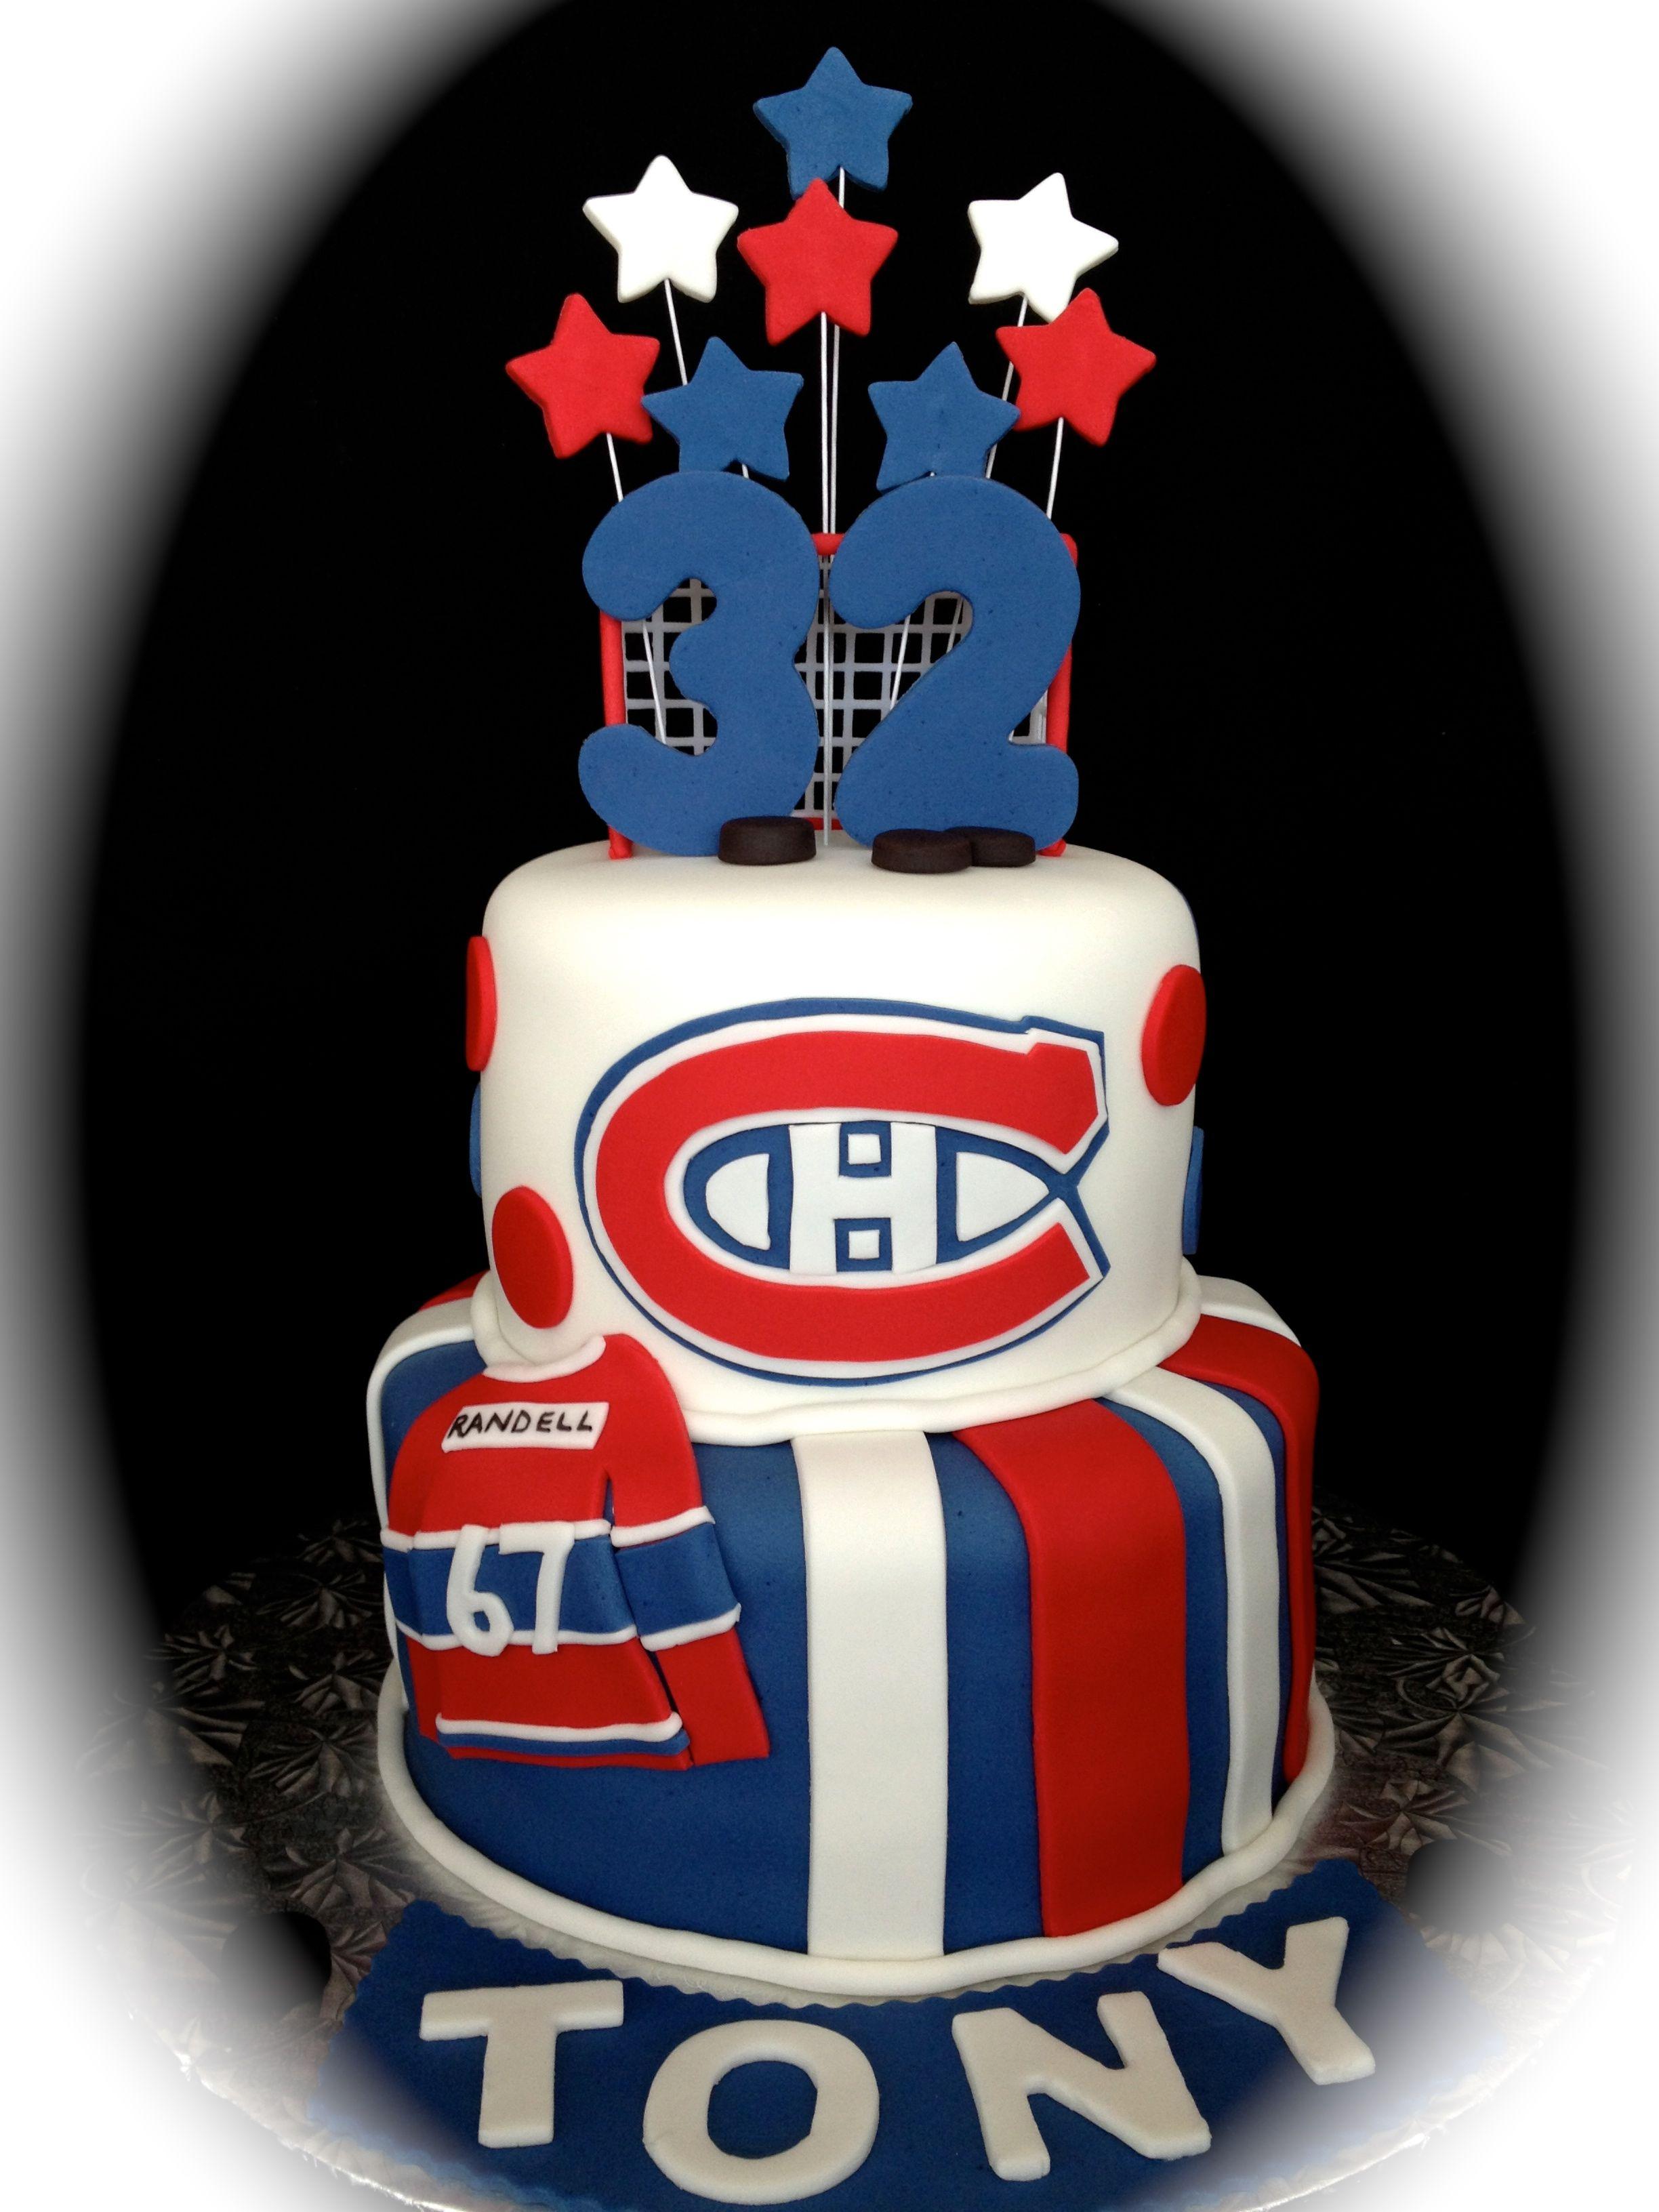 Ice Hockey Cake Decorating Kit : 100+ [ Ice Hockey Cake Ideas ] Icehockey Cake Hockey ...